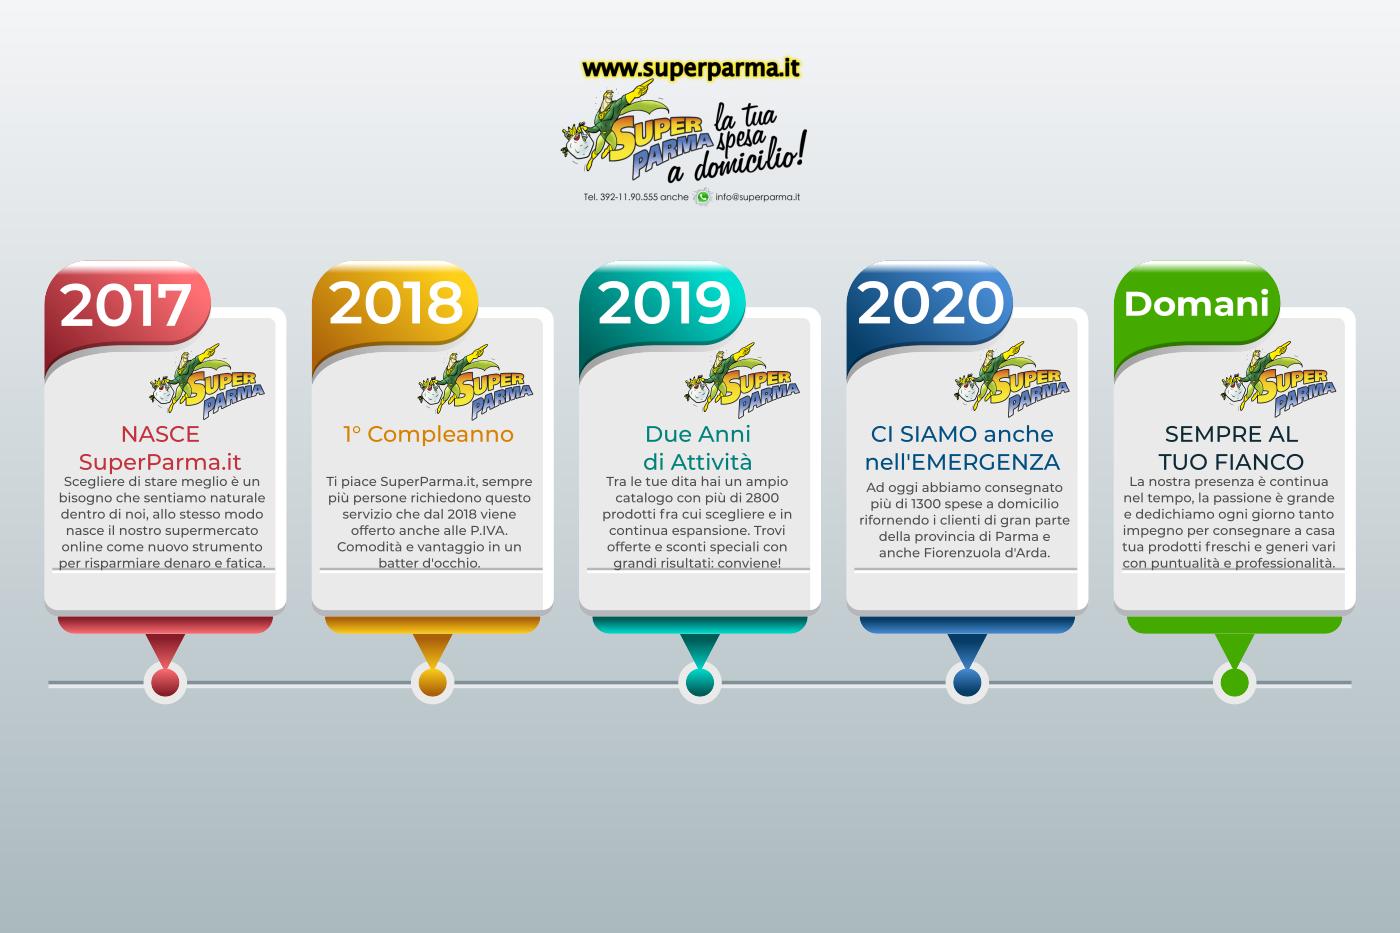 timelineSP_2020b